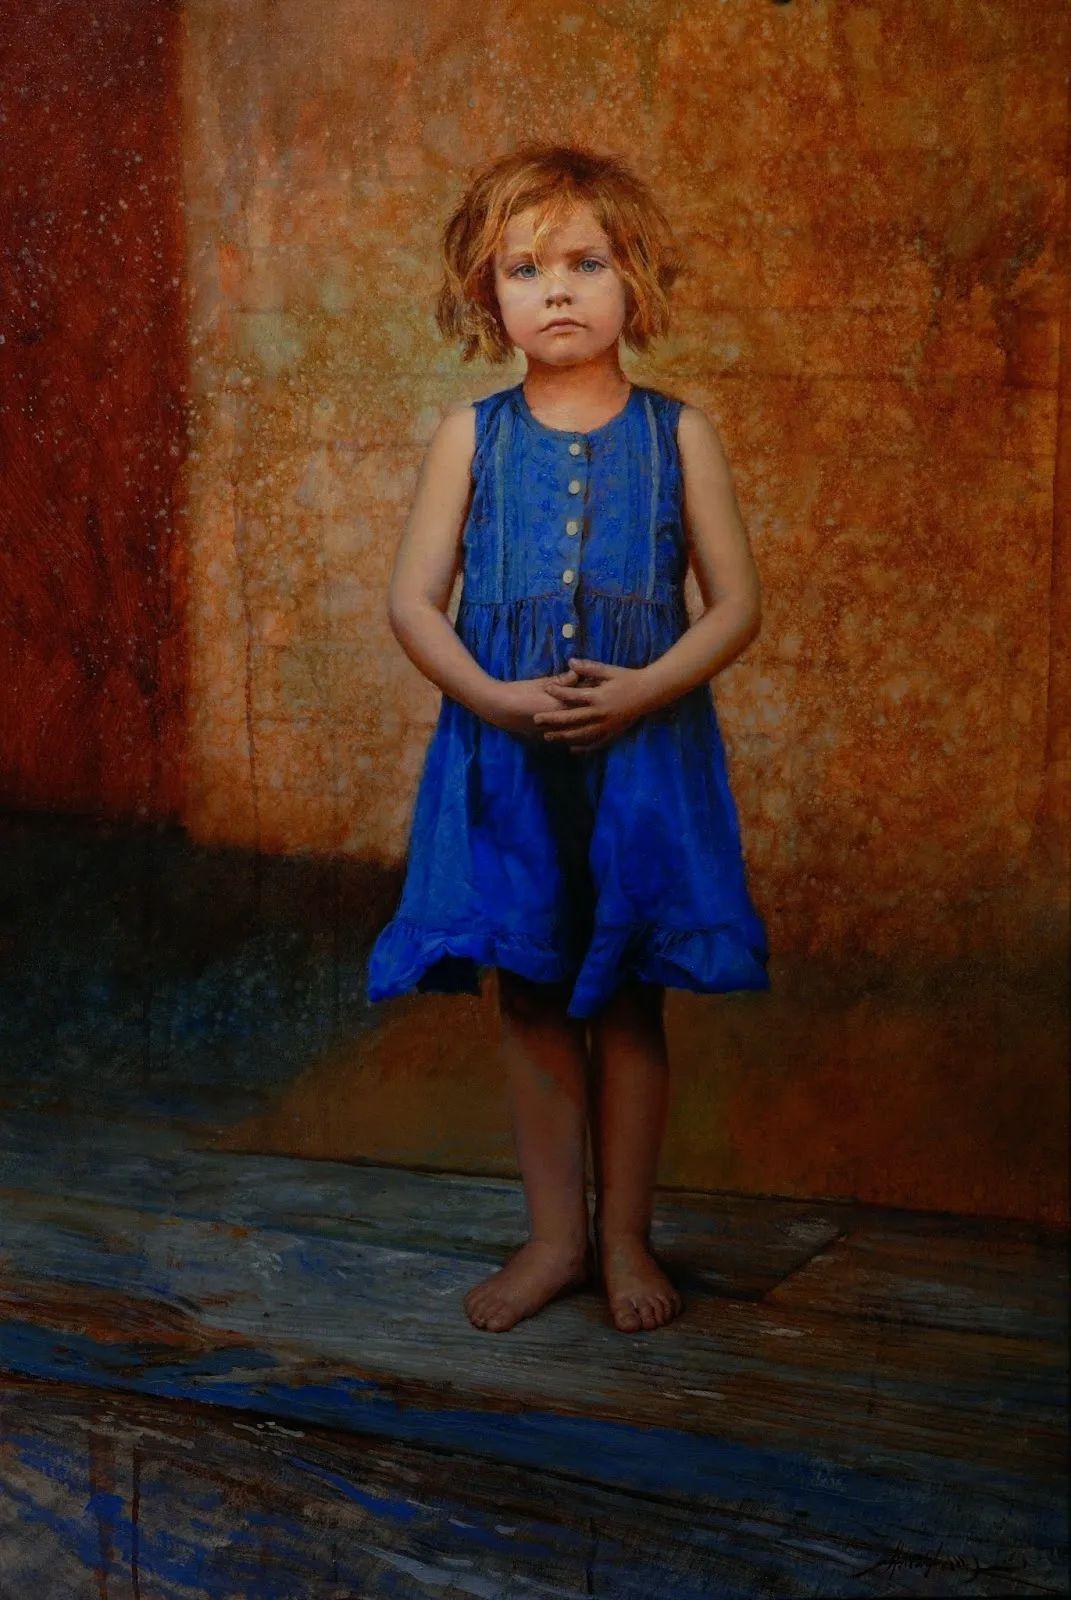 有趣而独特的人物肖像画,美国画家塞思·哈维坎普插图14